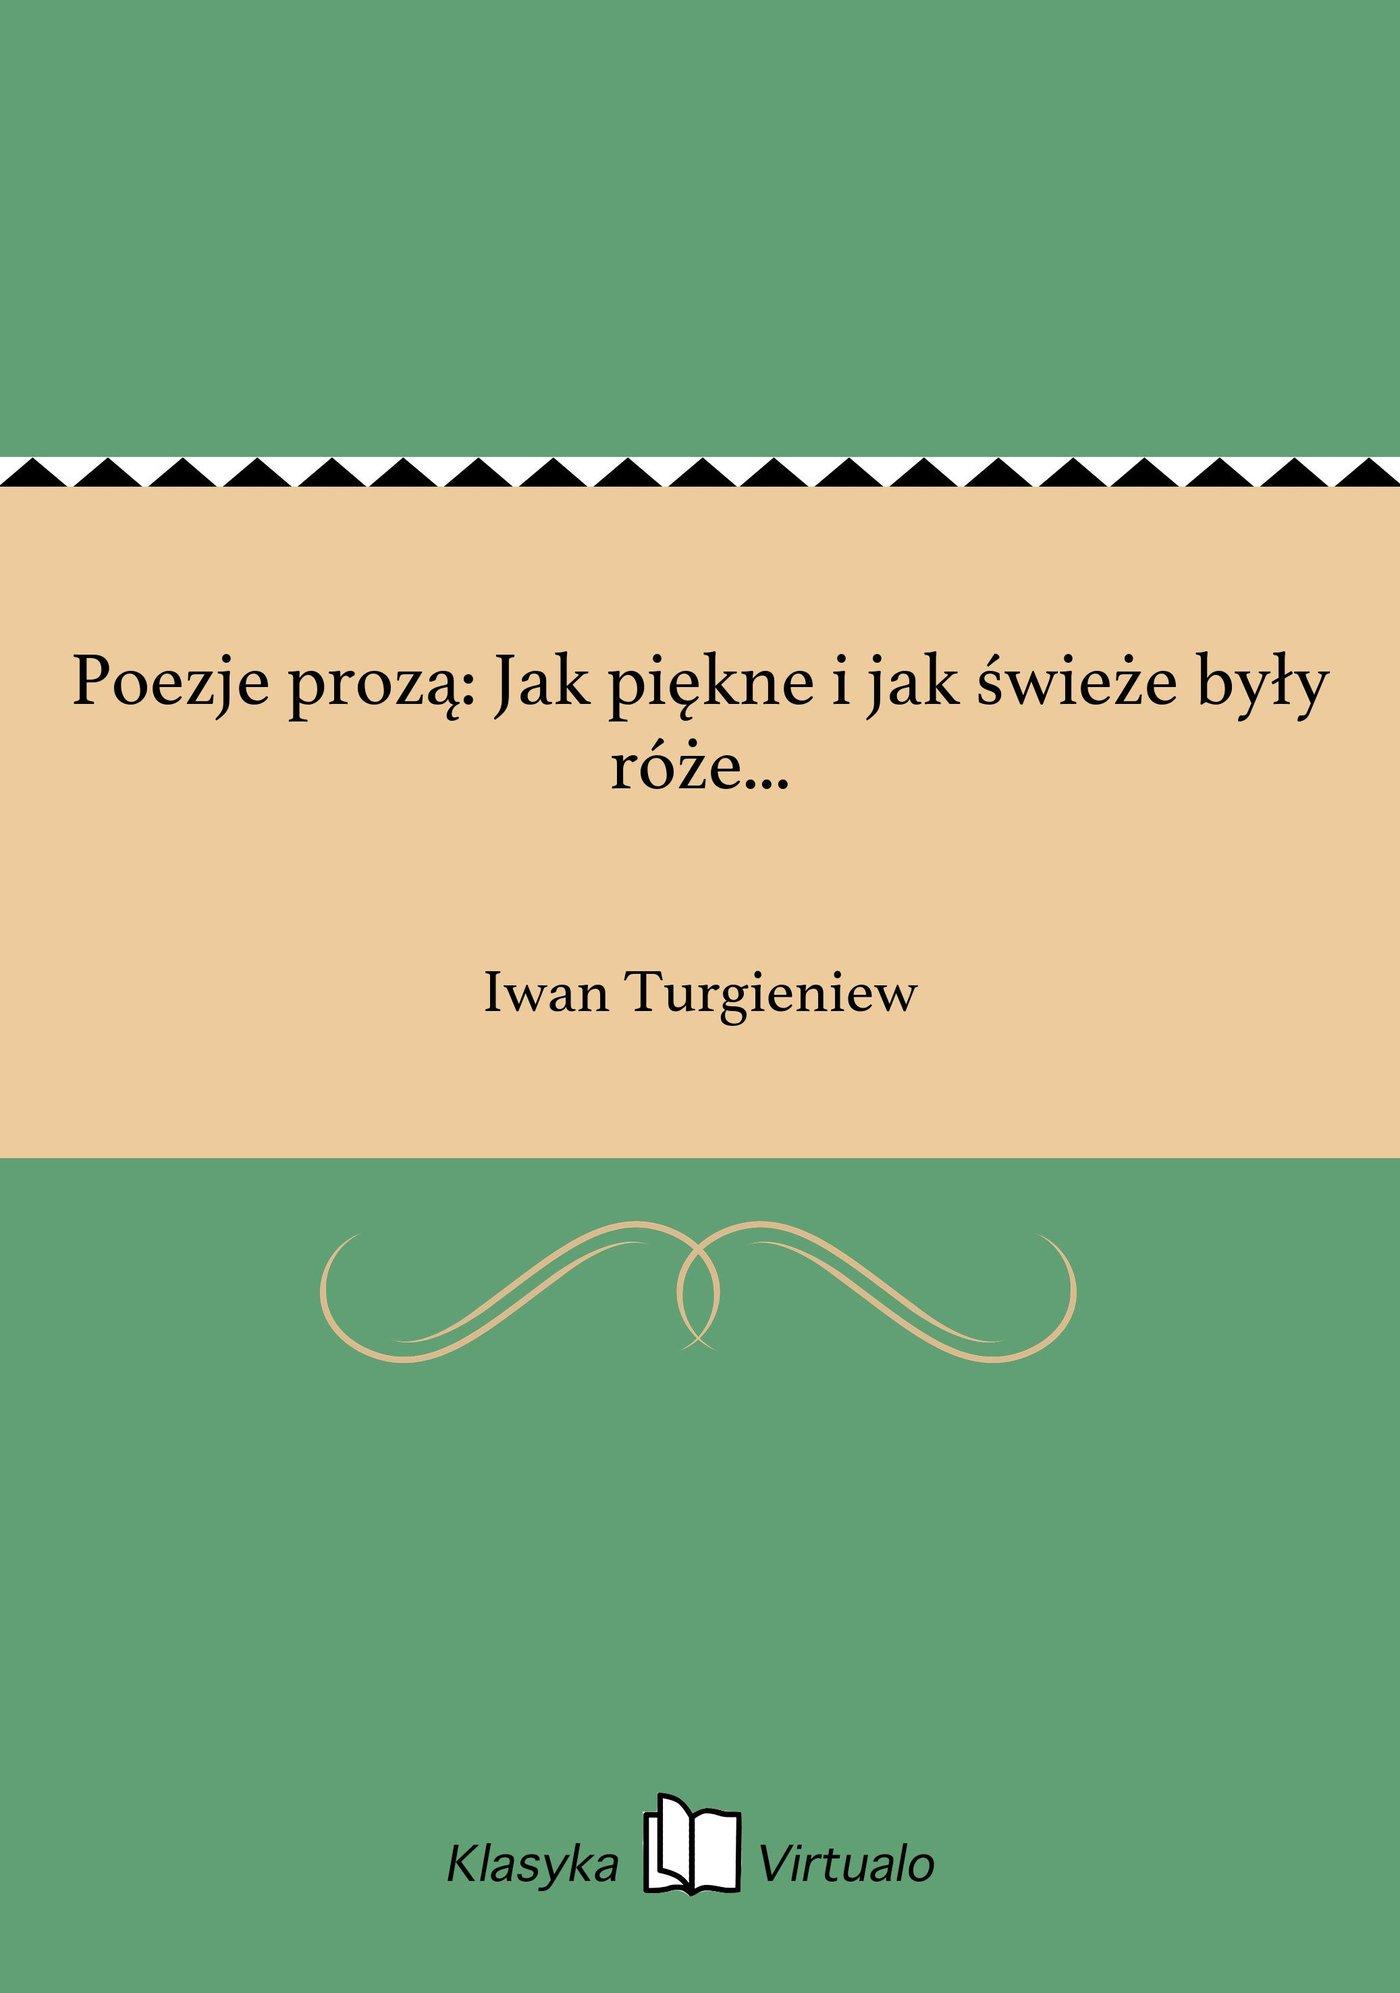 Poezje prozą: Jak piękne i jak świeże były róże... - Ebook (Książka EPUB) do pobrania w formacie EPUB